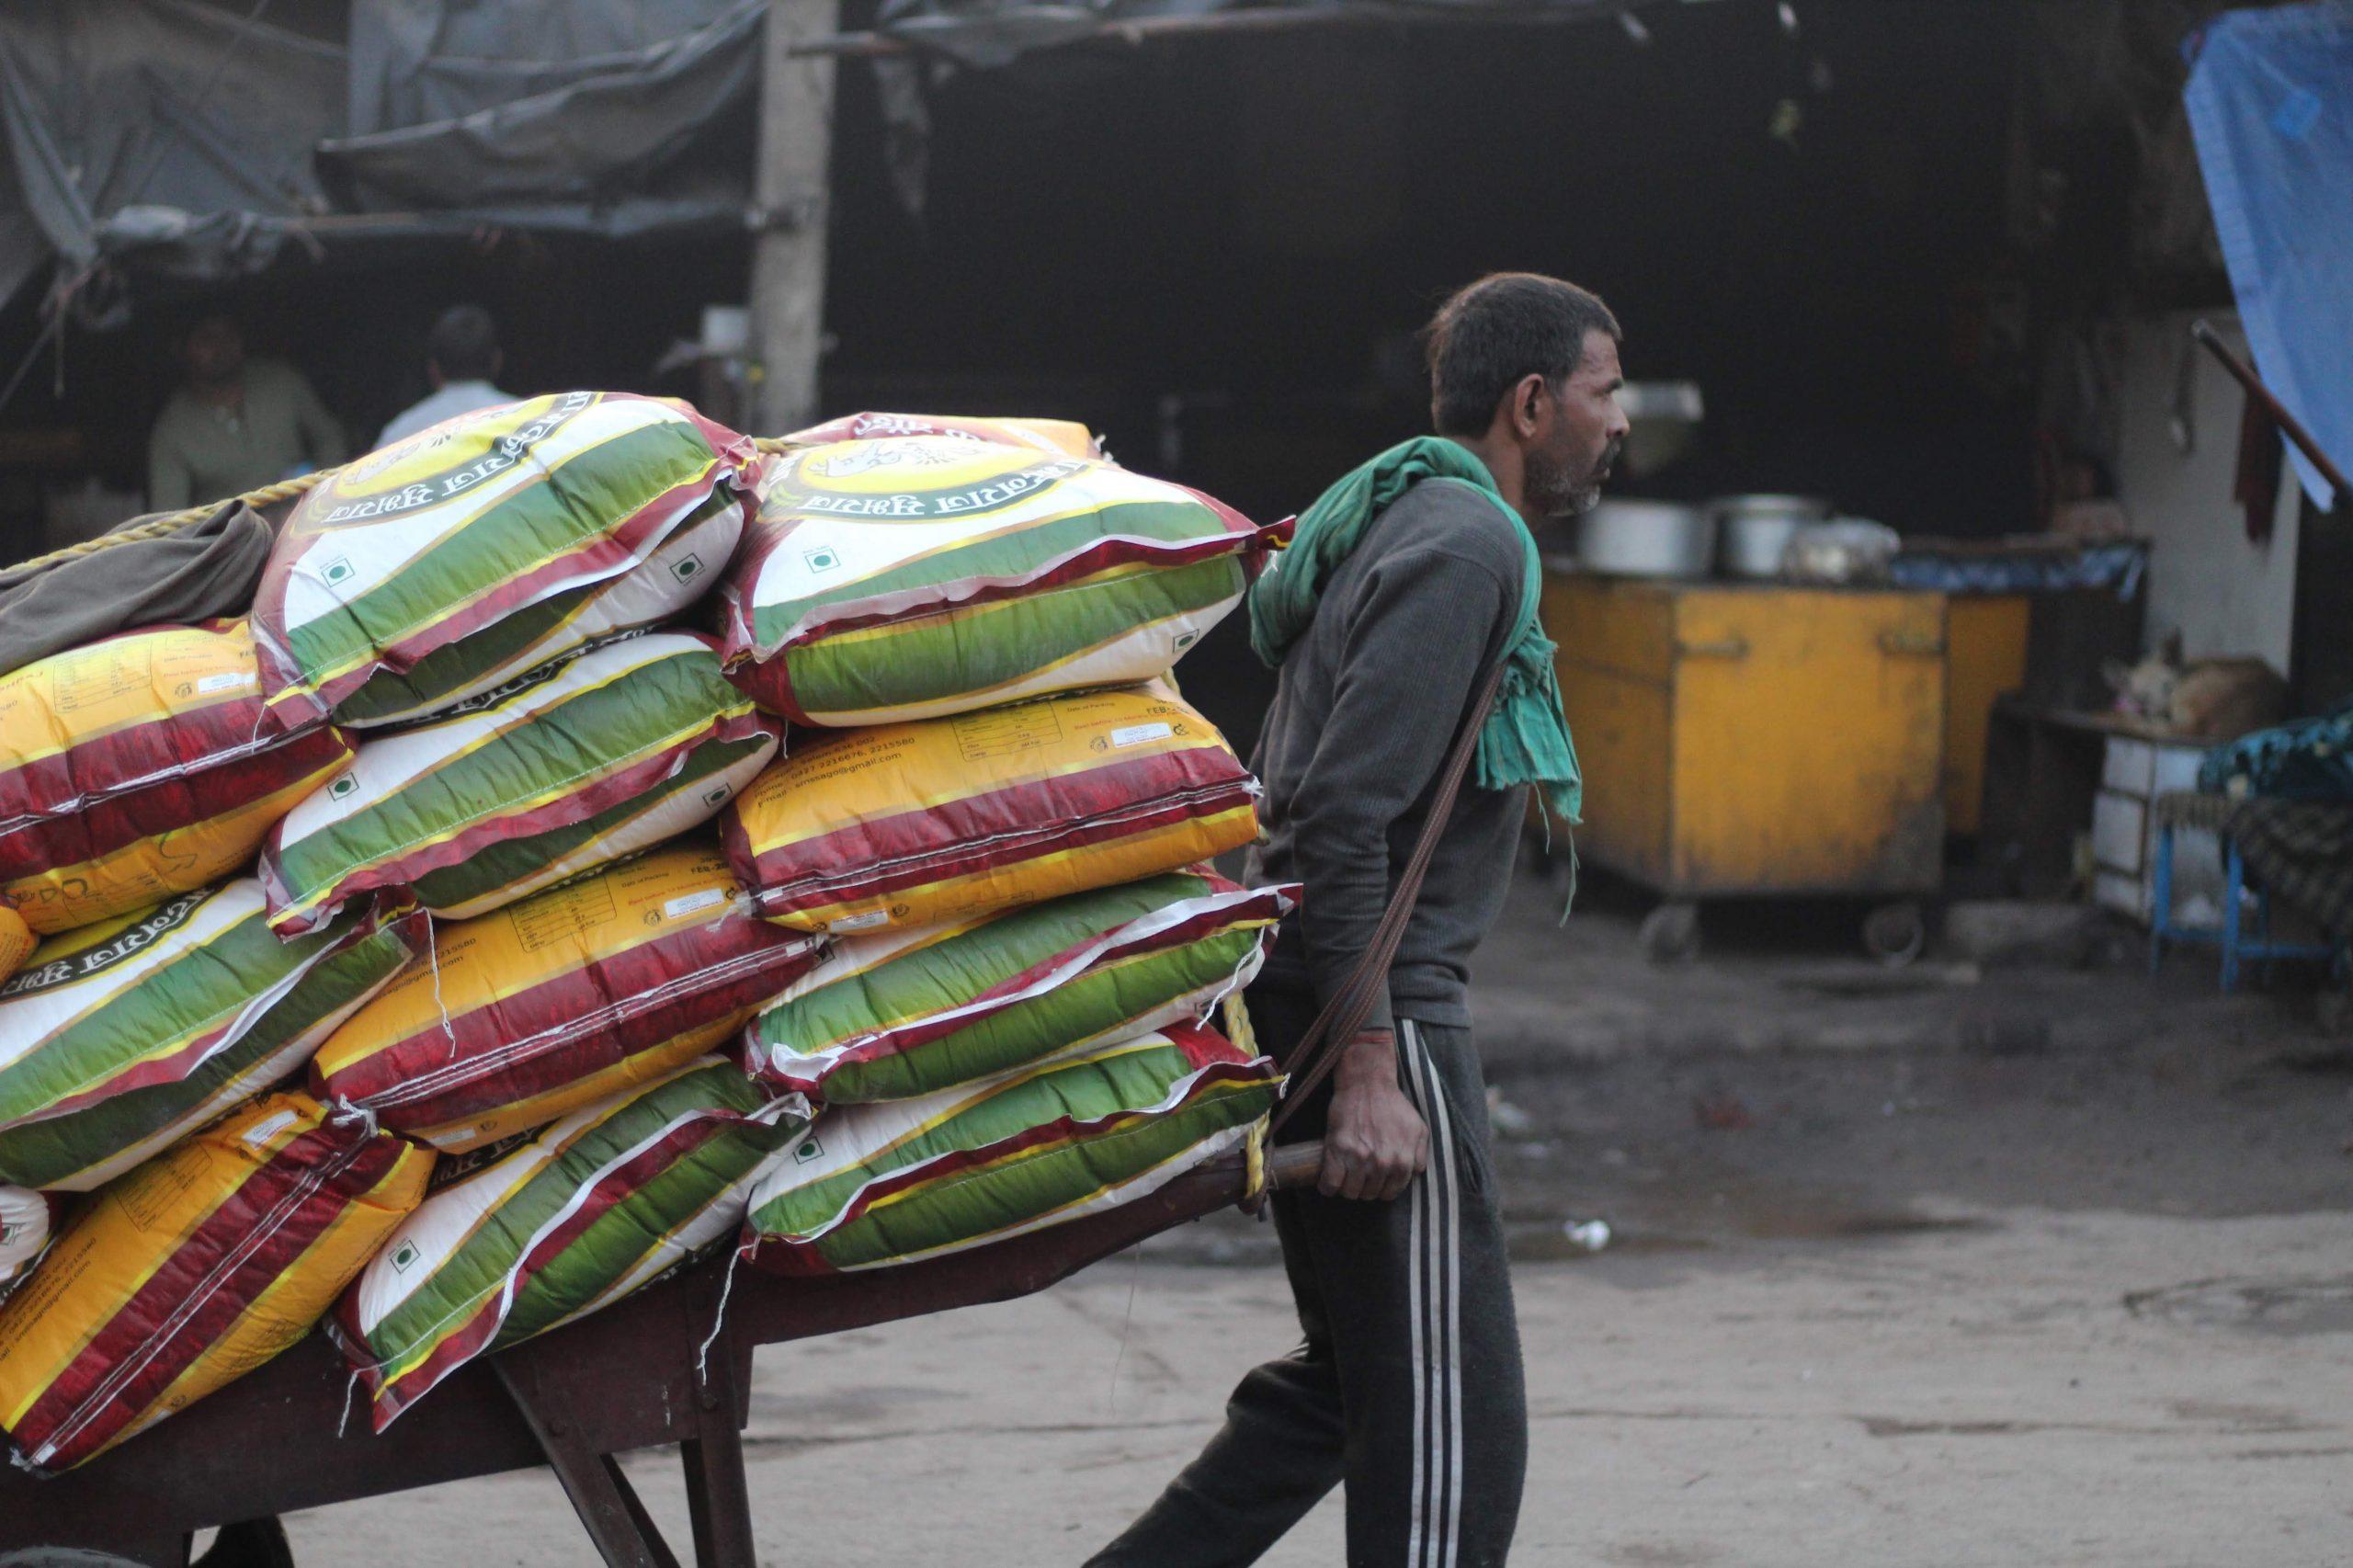 man carrying sacs on a cart